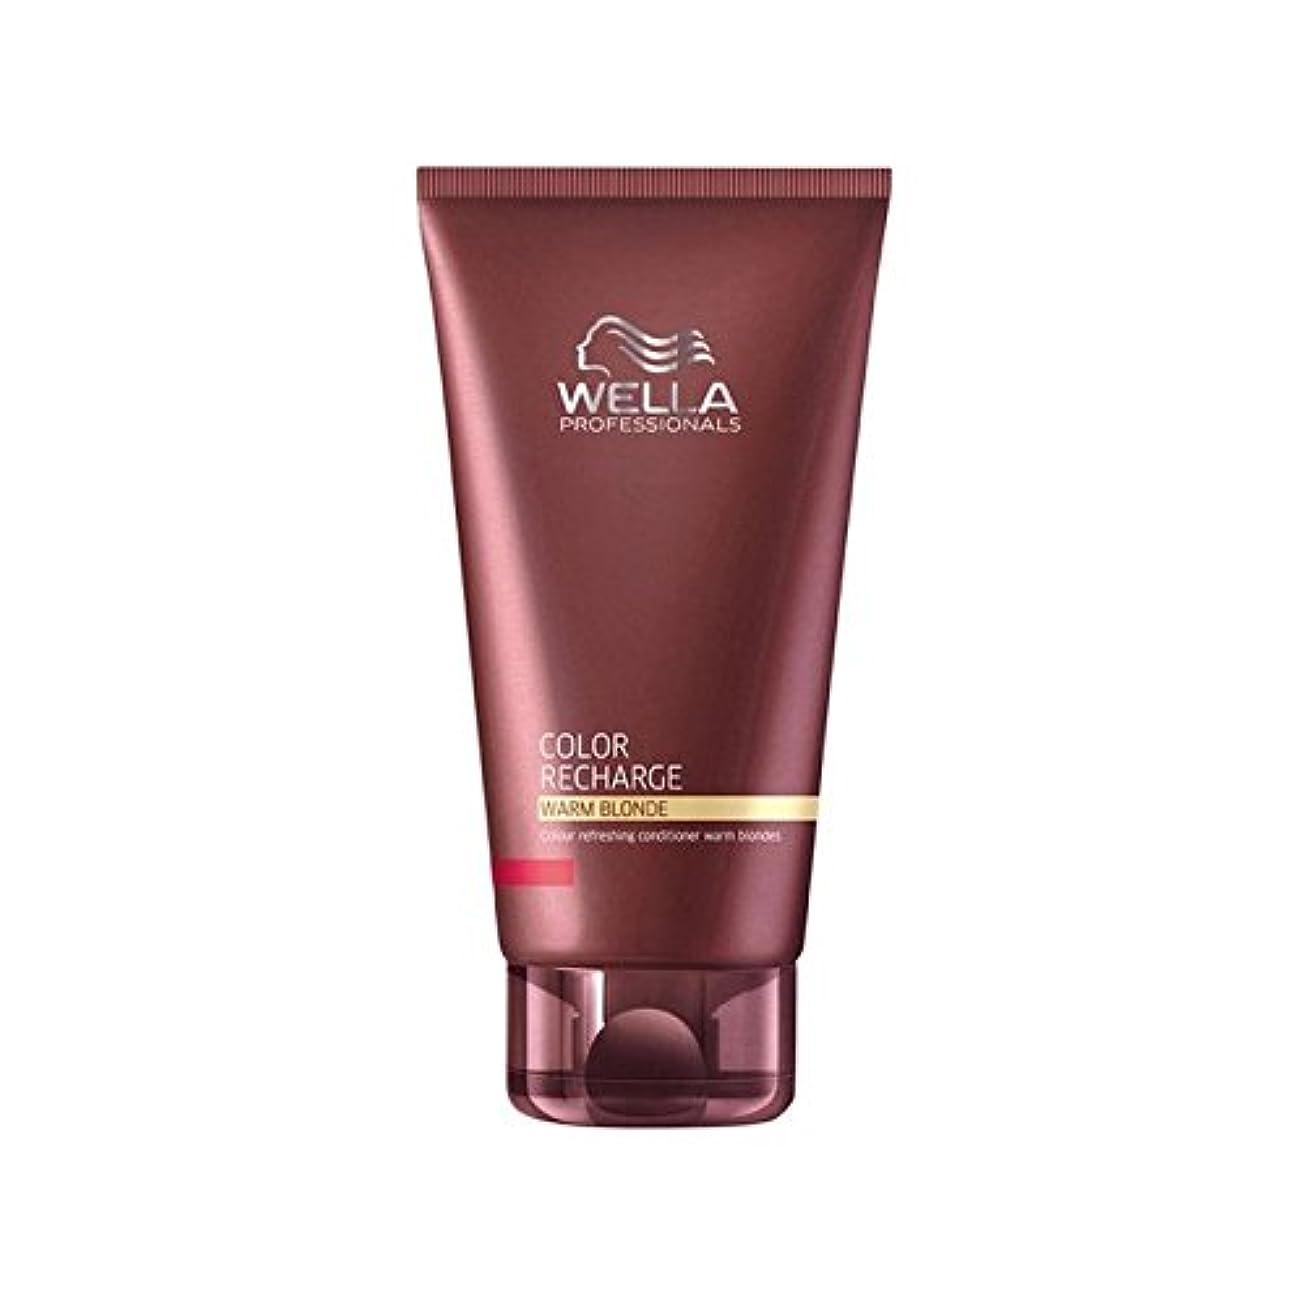 決めますラフト特徴づけるWella Professionals Color Recharge Conditioner Warm Blonde (200ml) (Pack of 6) - ウエラ専門家のカラー再充電コンディショナー暖かいブロンド(...